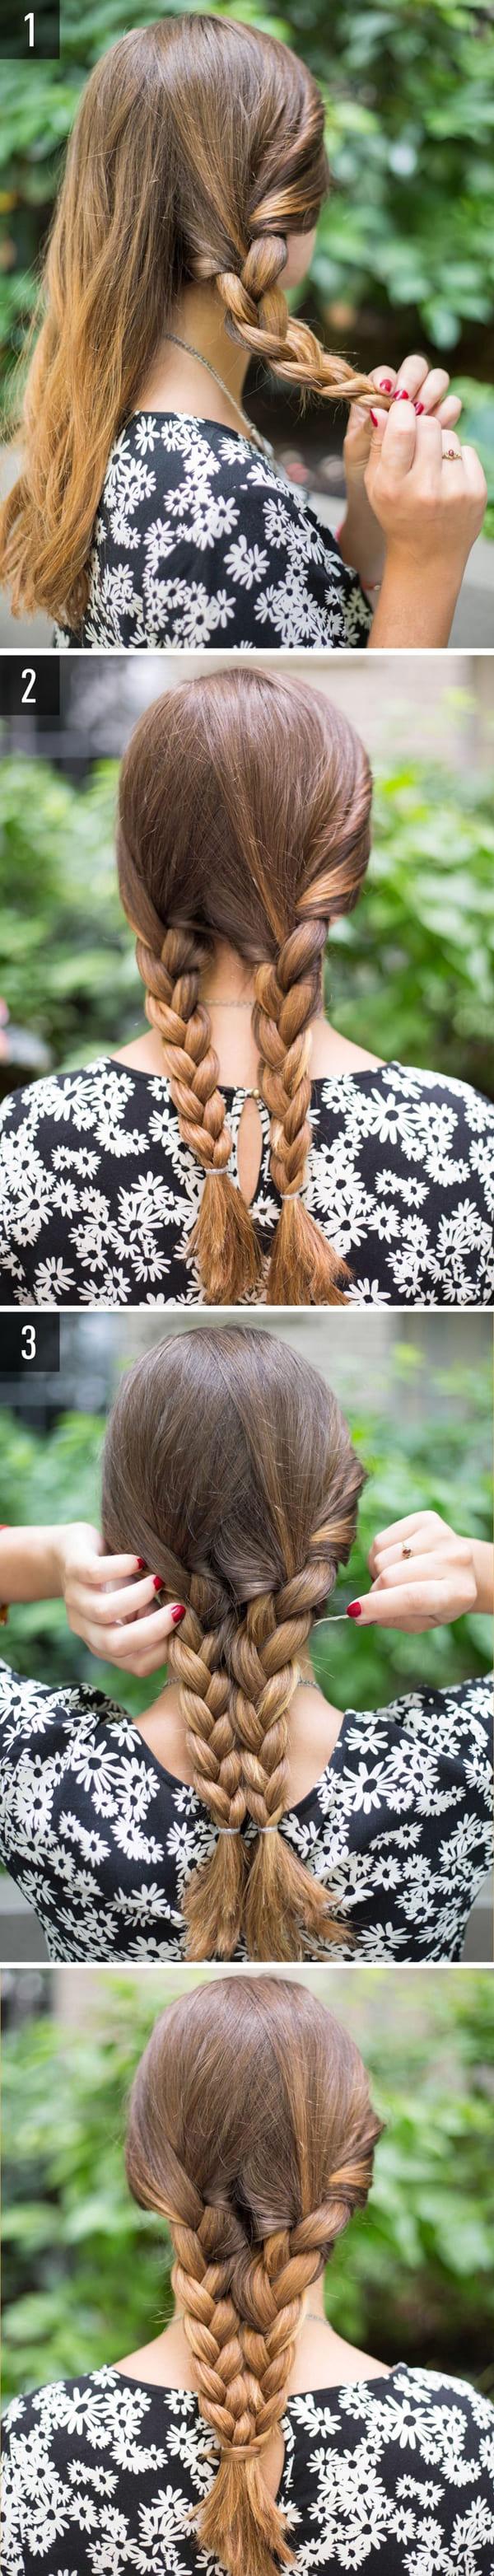 làm tóc đi đám cưới đơn giản 9